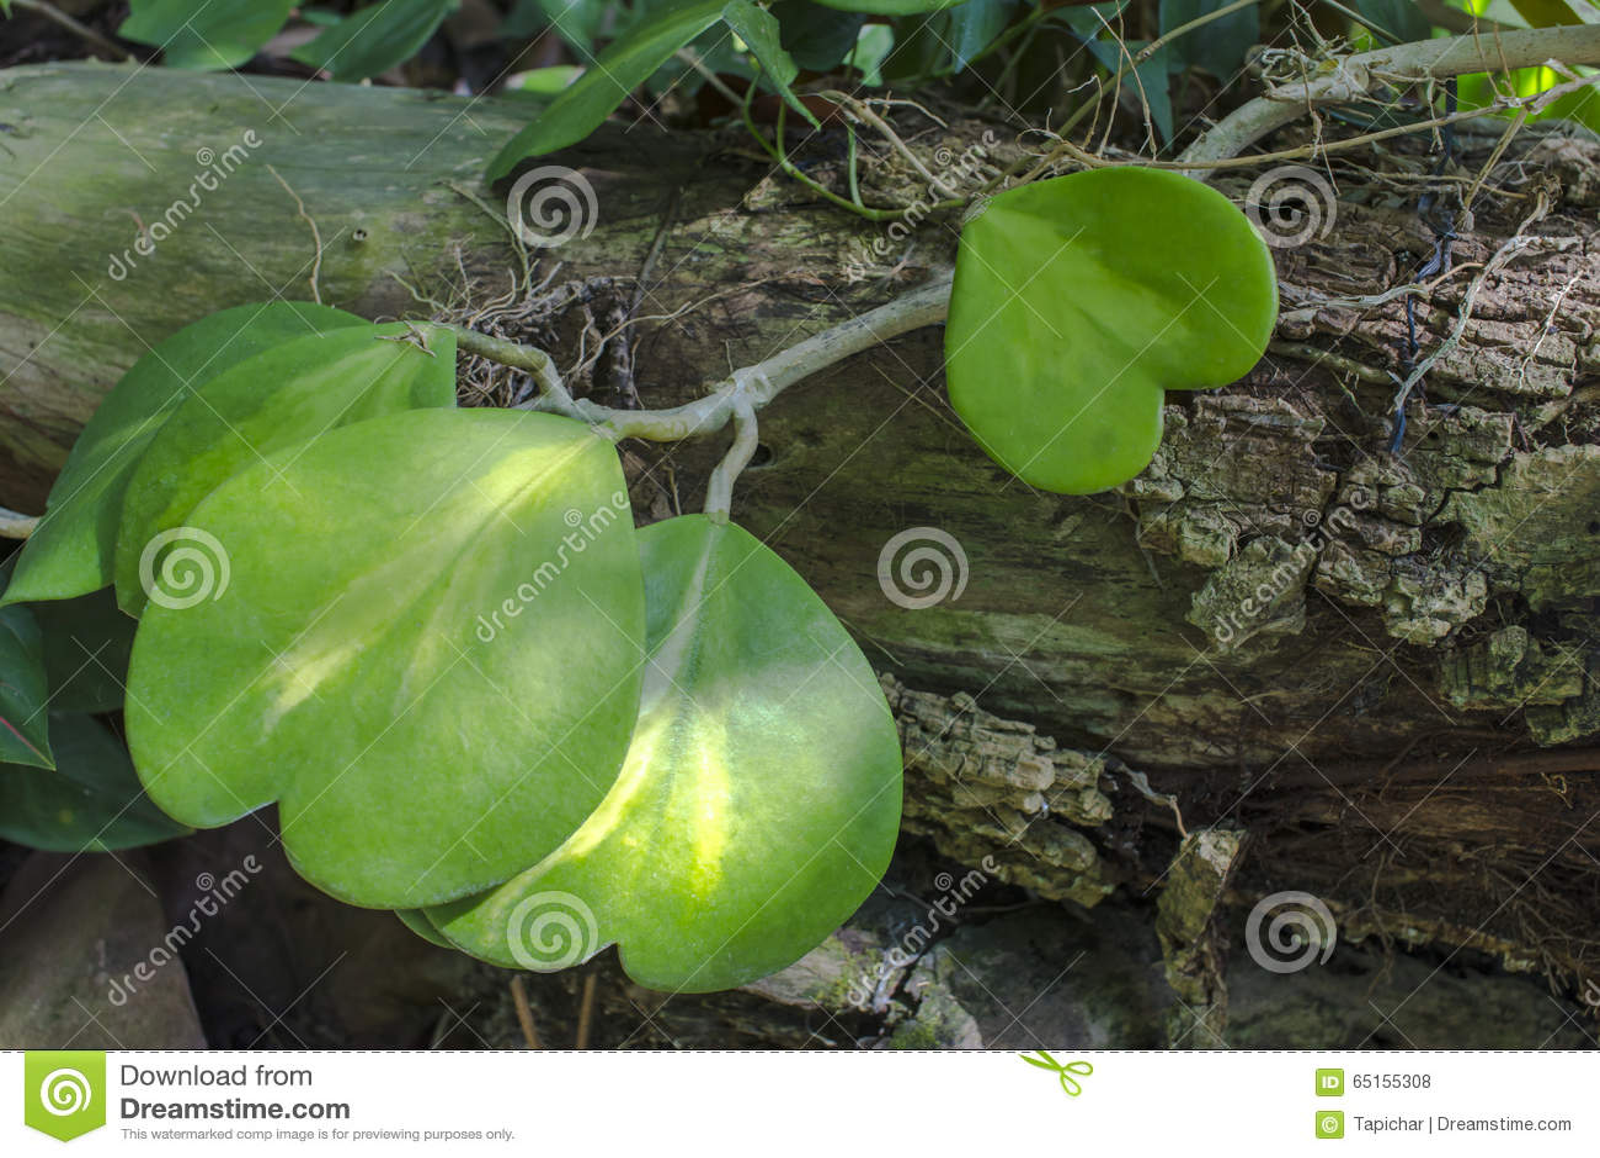 Hoya Plant Stock Photo Image Of Wood Shaped Heart 65155308